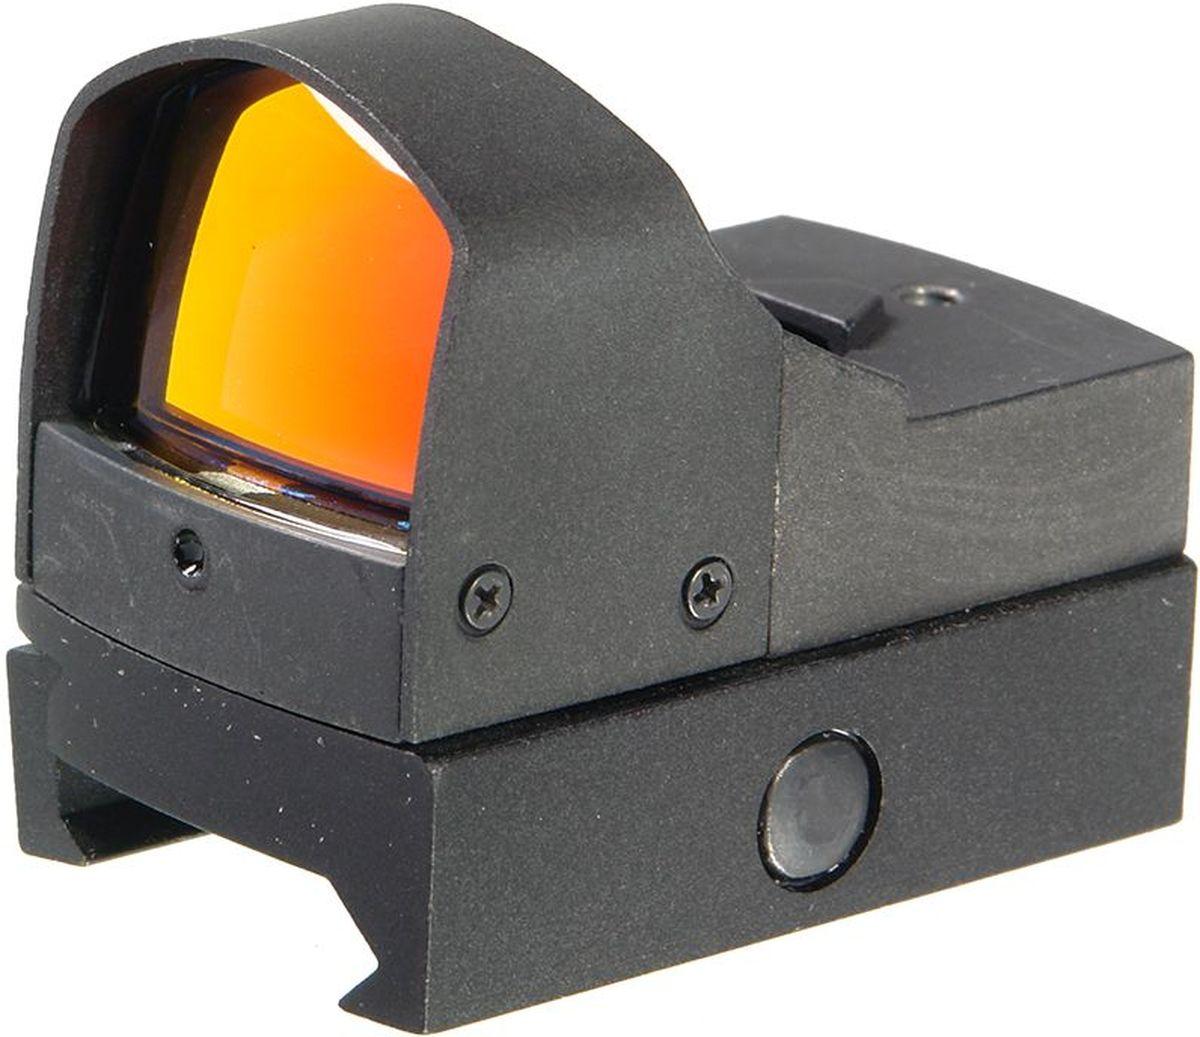 Прицел коллиматорный Veber, RM123 Weaver23002Коллиматорный прицел открытого типа, устанавливается на планку Weaver, размер окошка 23x17 мм, прицельная марка - красная точка. Усиленная конструкция основания прицела. ОПИСАНИЕ Серия Veber RM123, является модернизированной версией коллиматорного прицела Veber R123. Изменена конструкция основания прицела, что позволило значительно увеличить срок службы и надежность работы изделия при длительной эксплуатации на оружии большой мощности. Помимо появления модификации на планку «ласточкин хвост», увеличилась длина поджимной планки до 46 мм в версии на Weaver и до 15 мм в DVT. Исключены любые смещения при мощной отдаче, обеспечена высокая стабильность положения прицельной метки. Самый маленький, но серьезный коллиматорный прицелVeber RM123. Корпус — анодированный матовый алюминий марки 6061-Т6. Светящаяся точка — 6 угловых минут, зона, покрываемая точкой, — 8 см на 50 м. Благодаря увеличению 1х (точнее 1,07х), прицел обладает большим полем зрения, а асферическая...